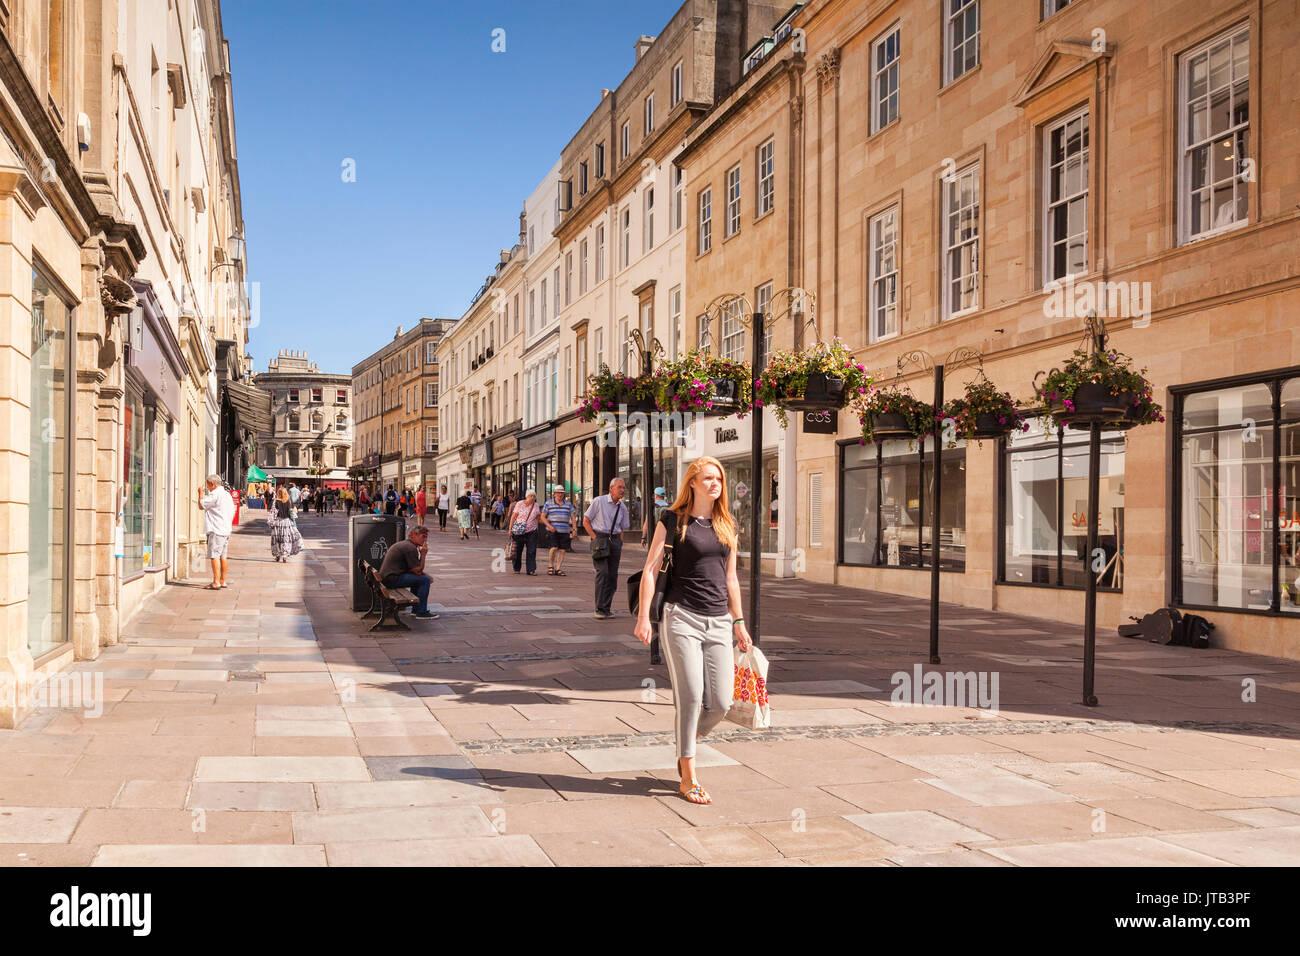 El 5 de julio de 2017: Bath, Somerset, Inglaterra, Reino Unido - Compras en Union Street, en el centro de la ciudad, en un hermoso día de verano. Foto de stock